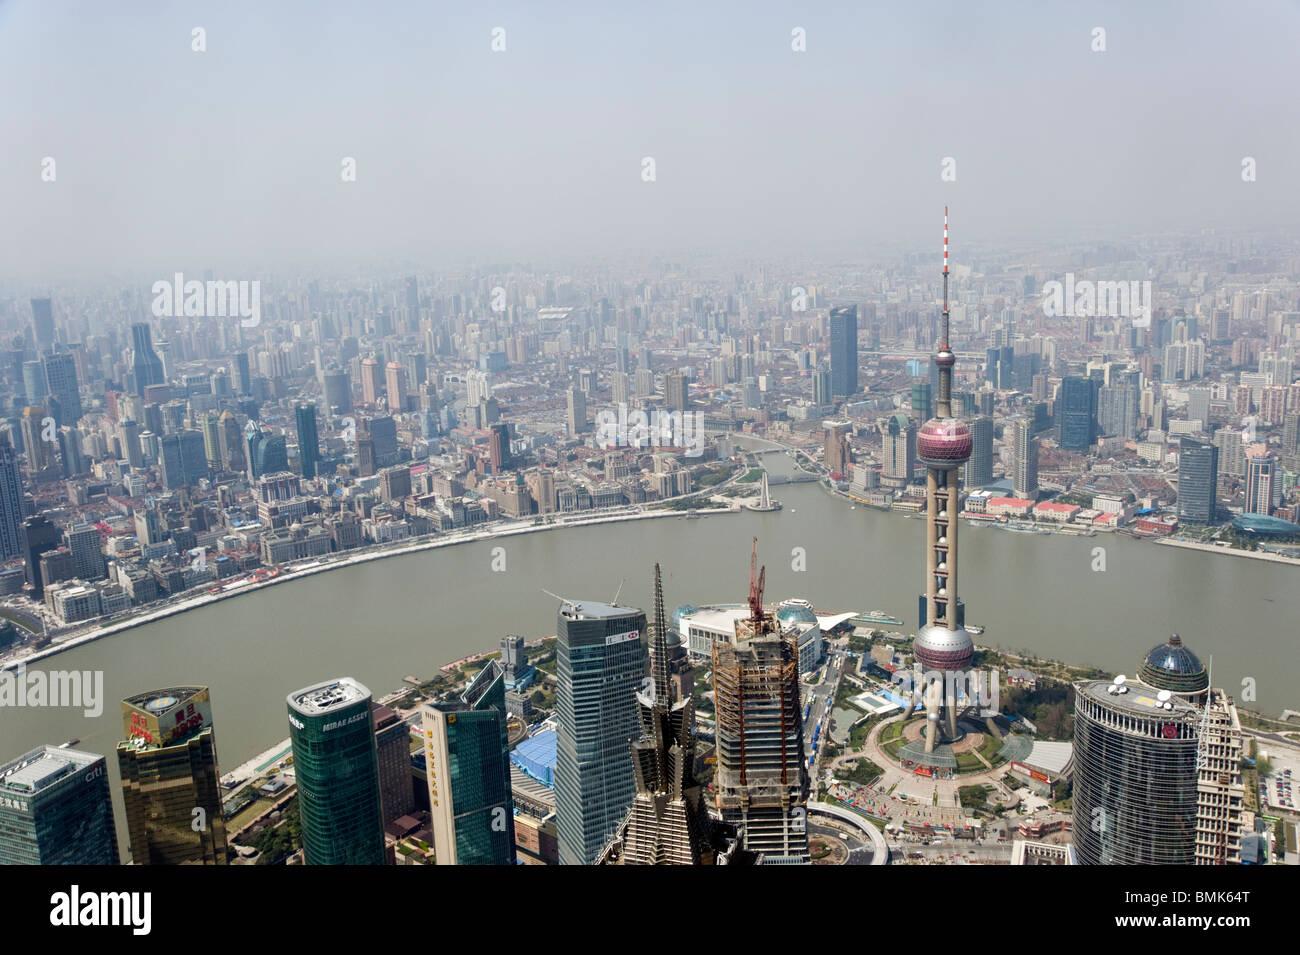 Lo smog e inquinamento sulla città visto dal di sopra, Shanghai, Cina Immagini Stock